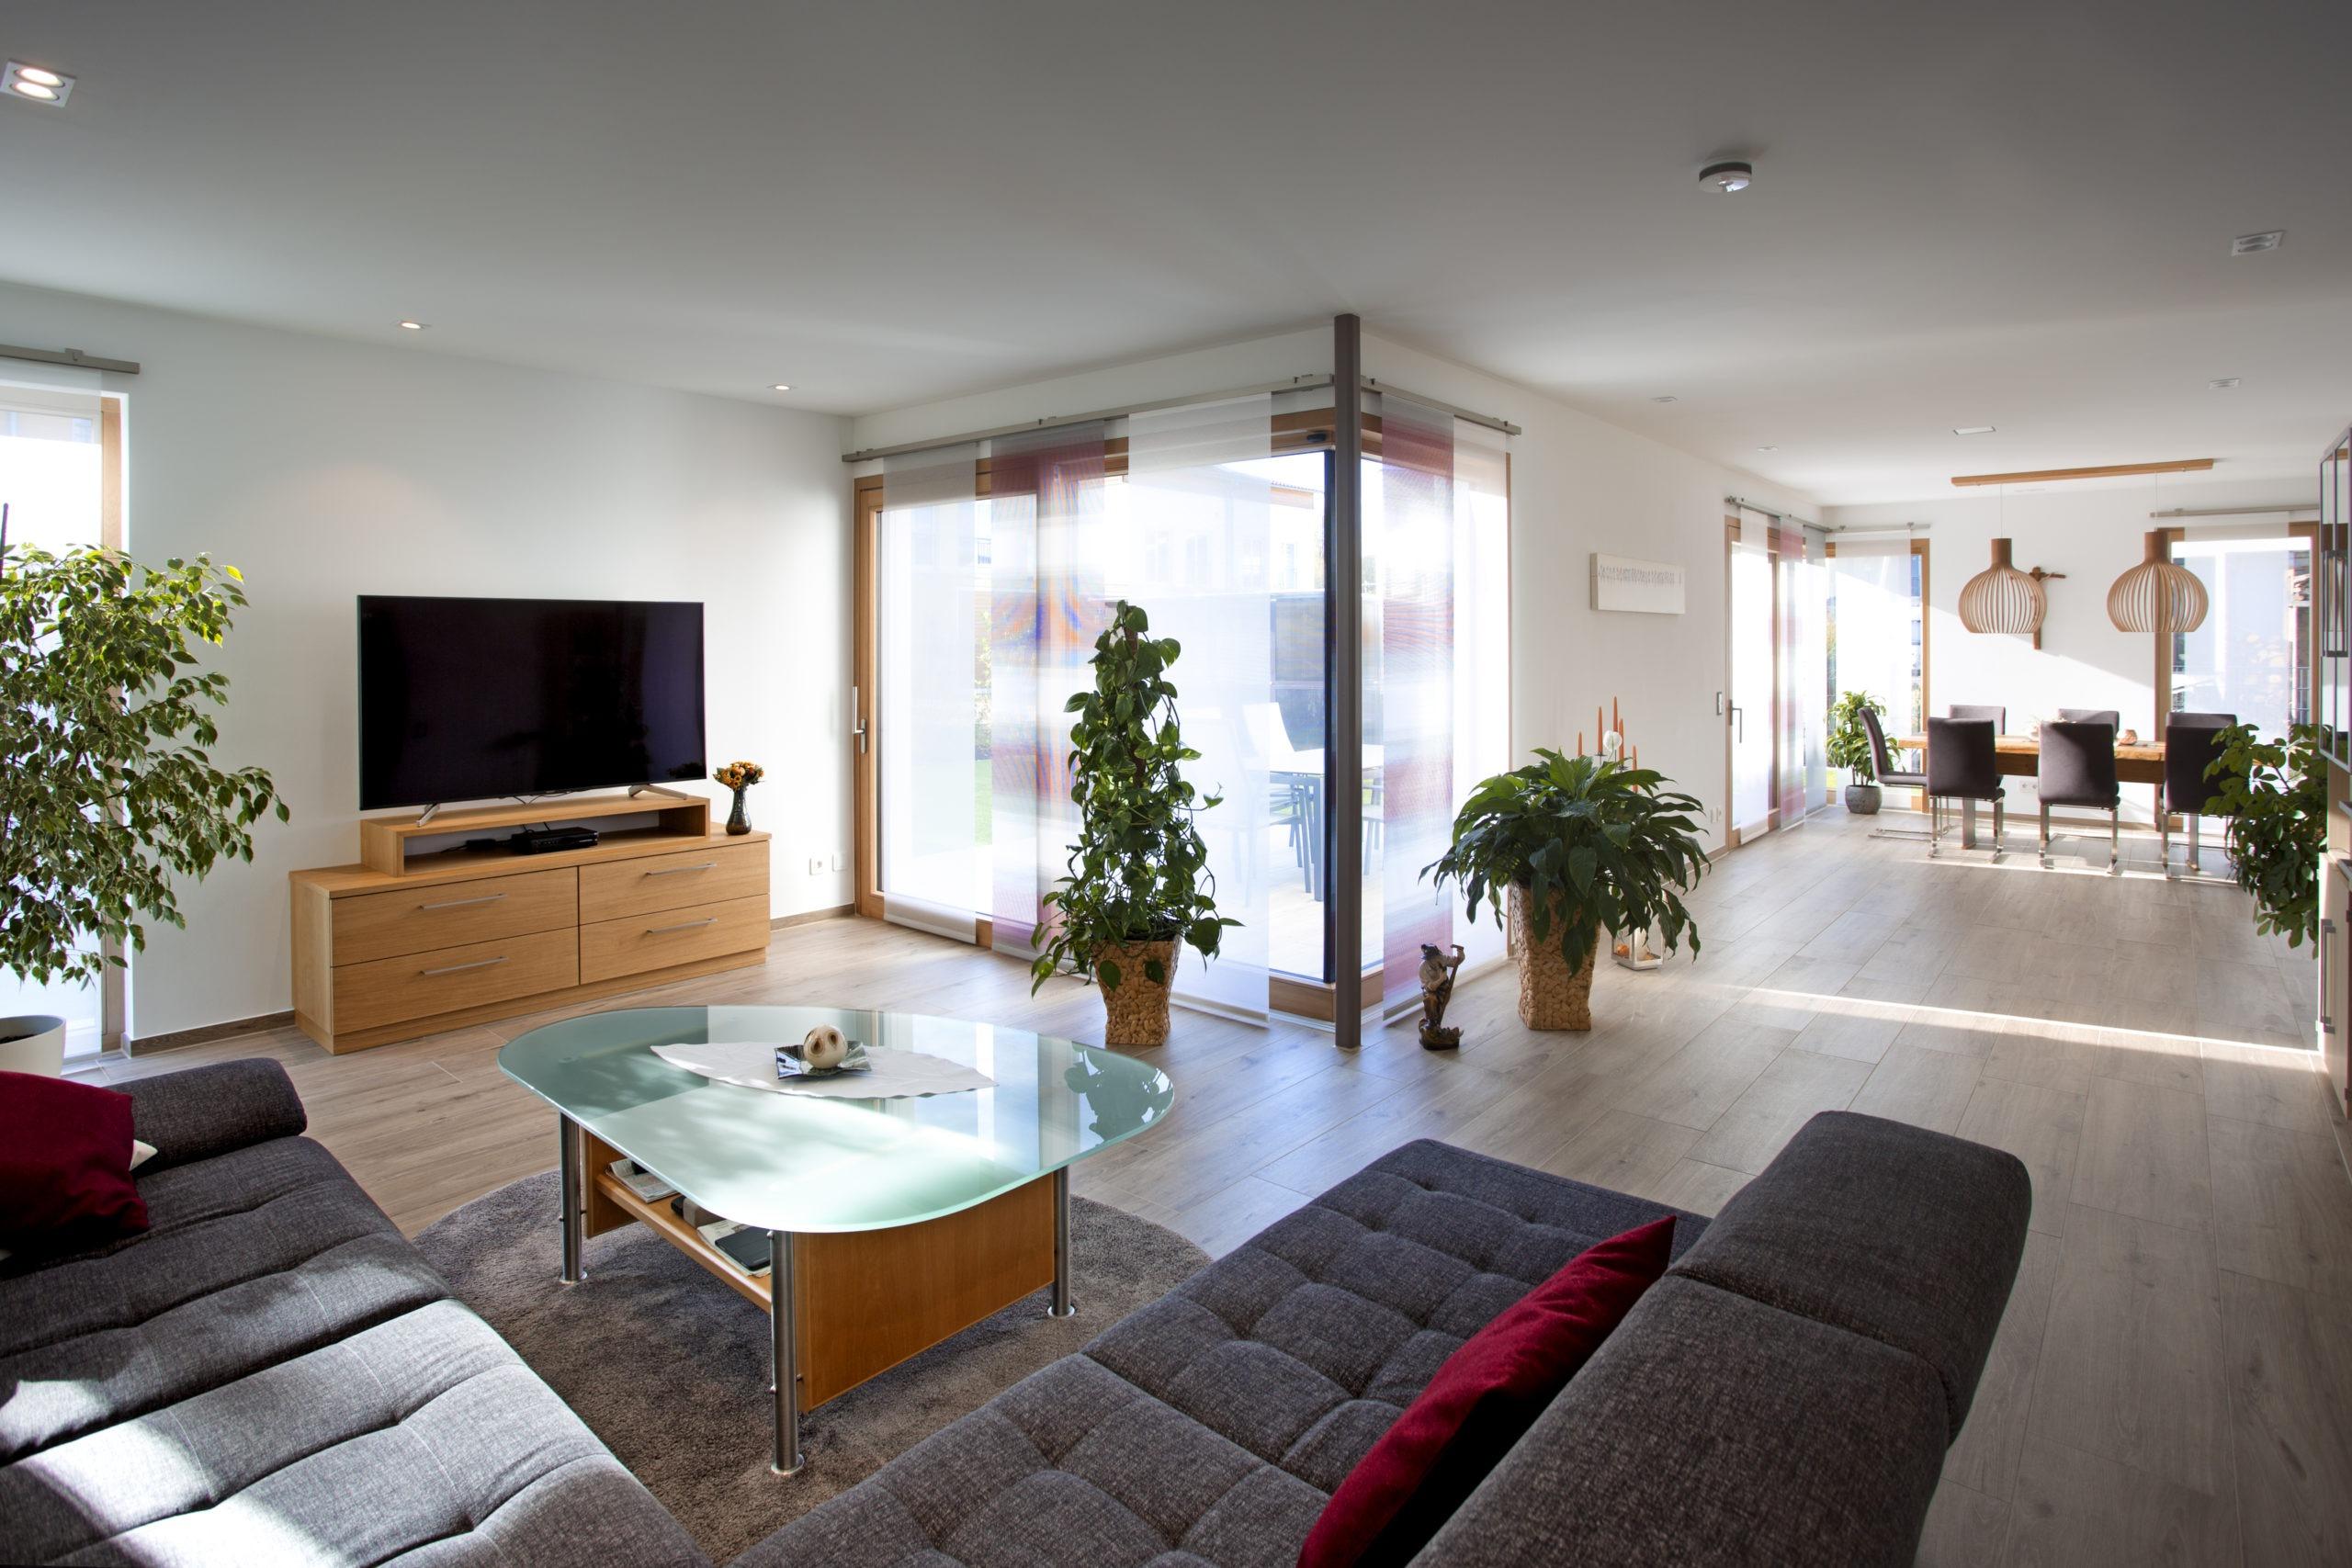 Die Räume im Erdgeschoss gehen offen ineinander über, durch den Grundriss über Eck bilden sie trotzdem separate Bereiche